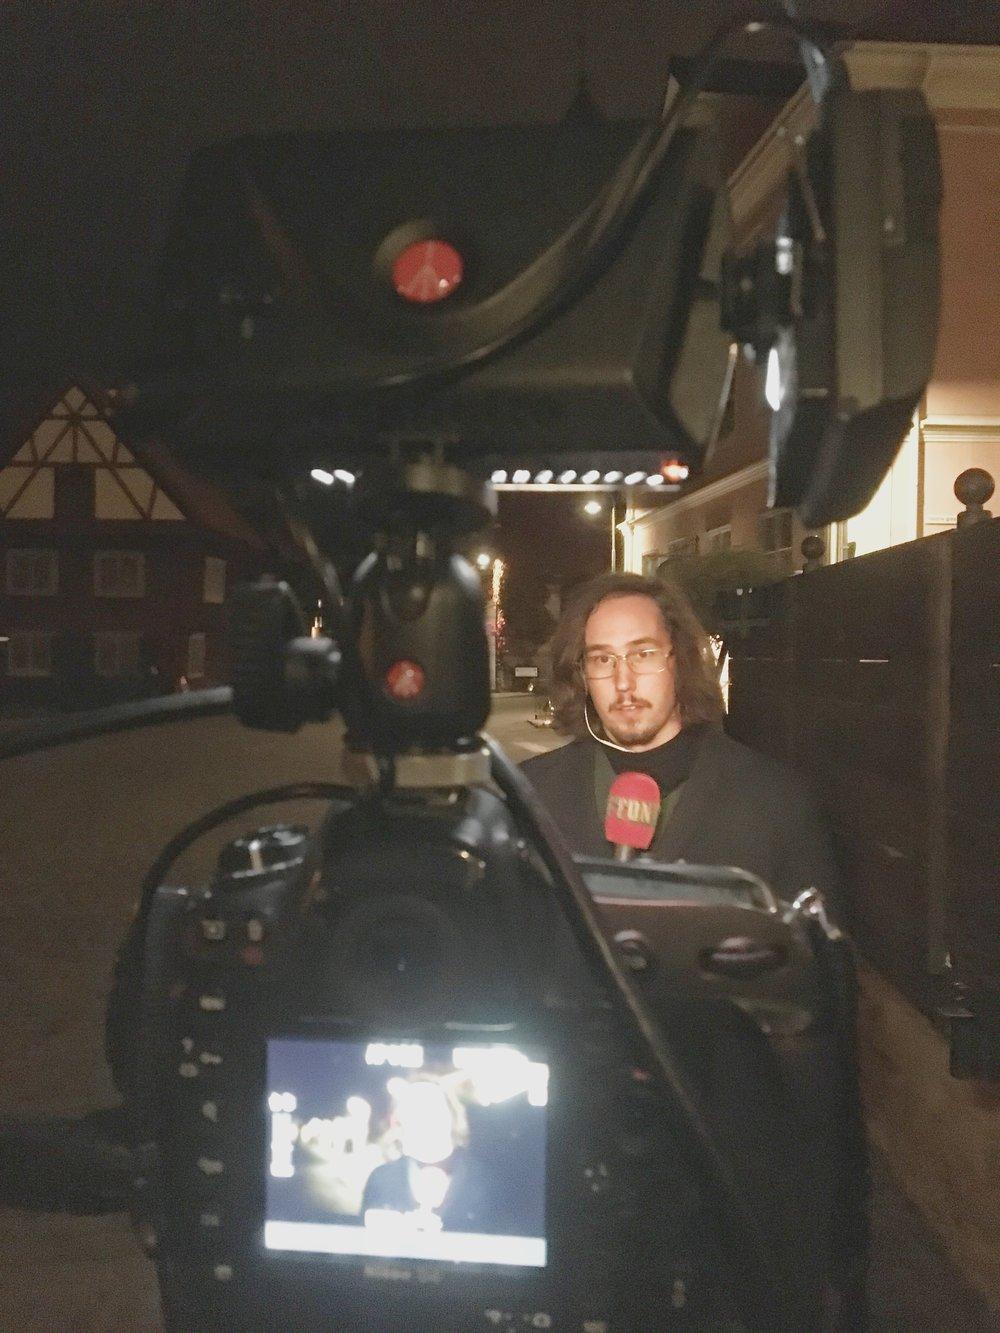 Så här såg det ut bakom kameran...